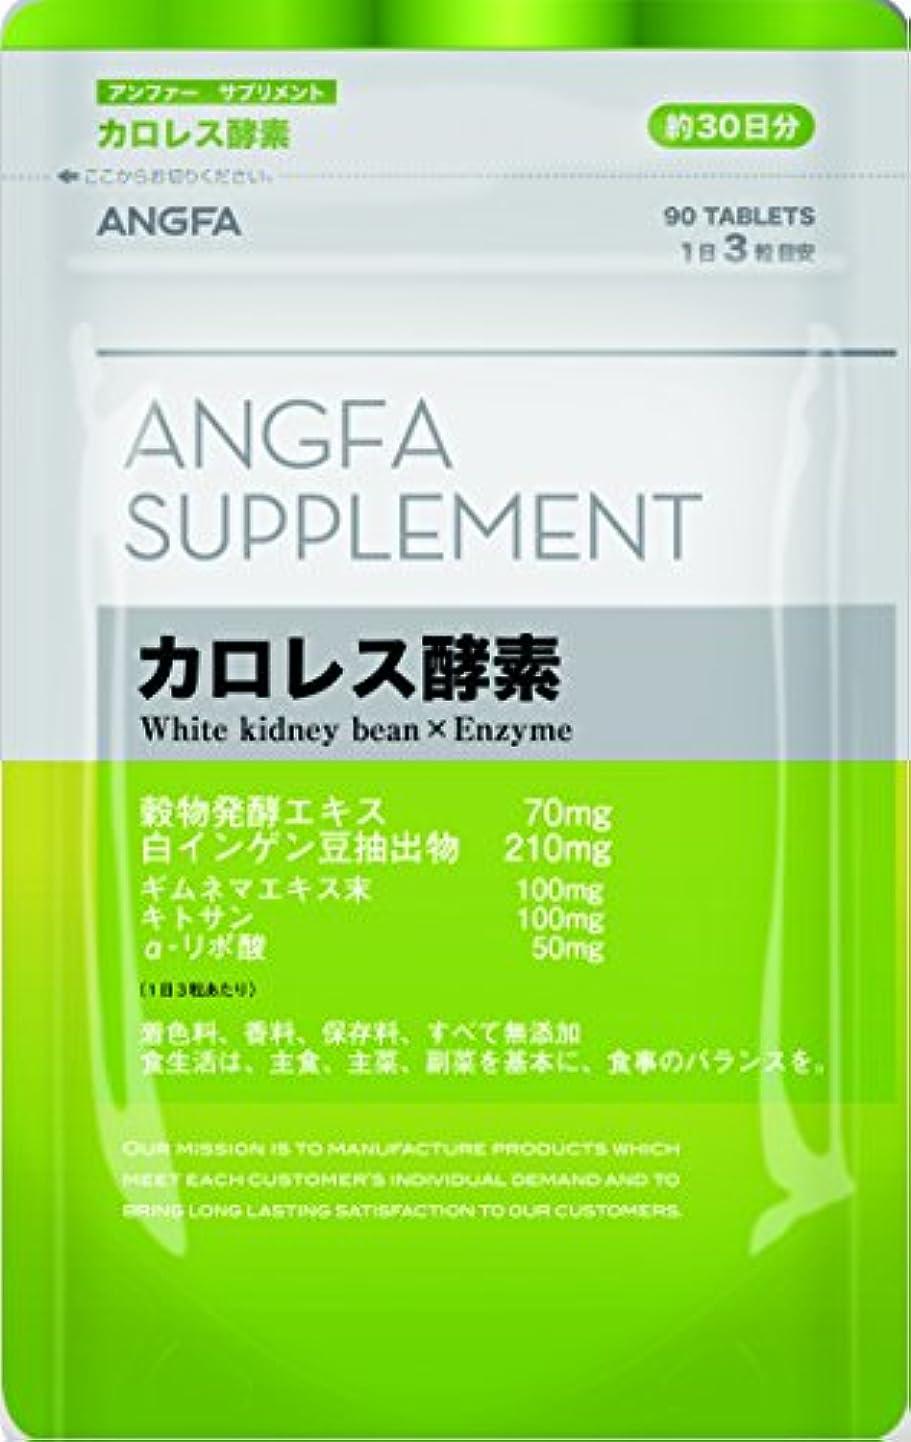 誇張する反対に換気するアンファー (ANGFA) サプリメント カロレス酵素 90粒 ダイエットサポート サプリメント